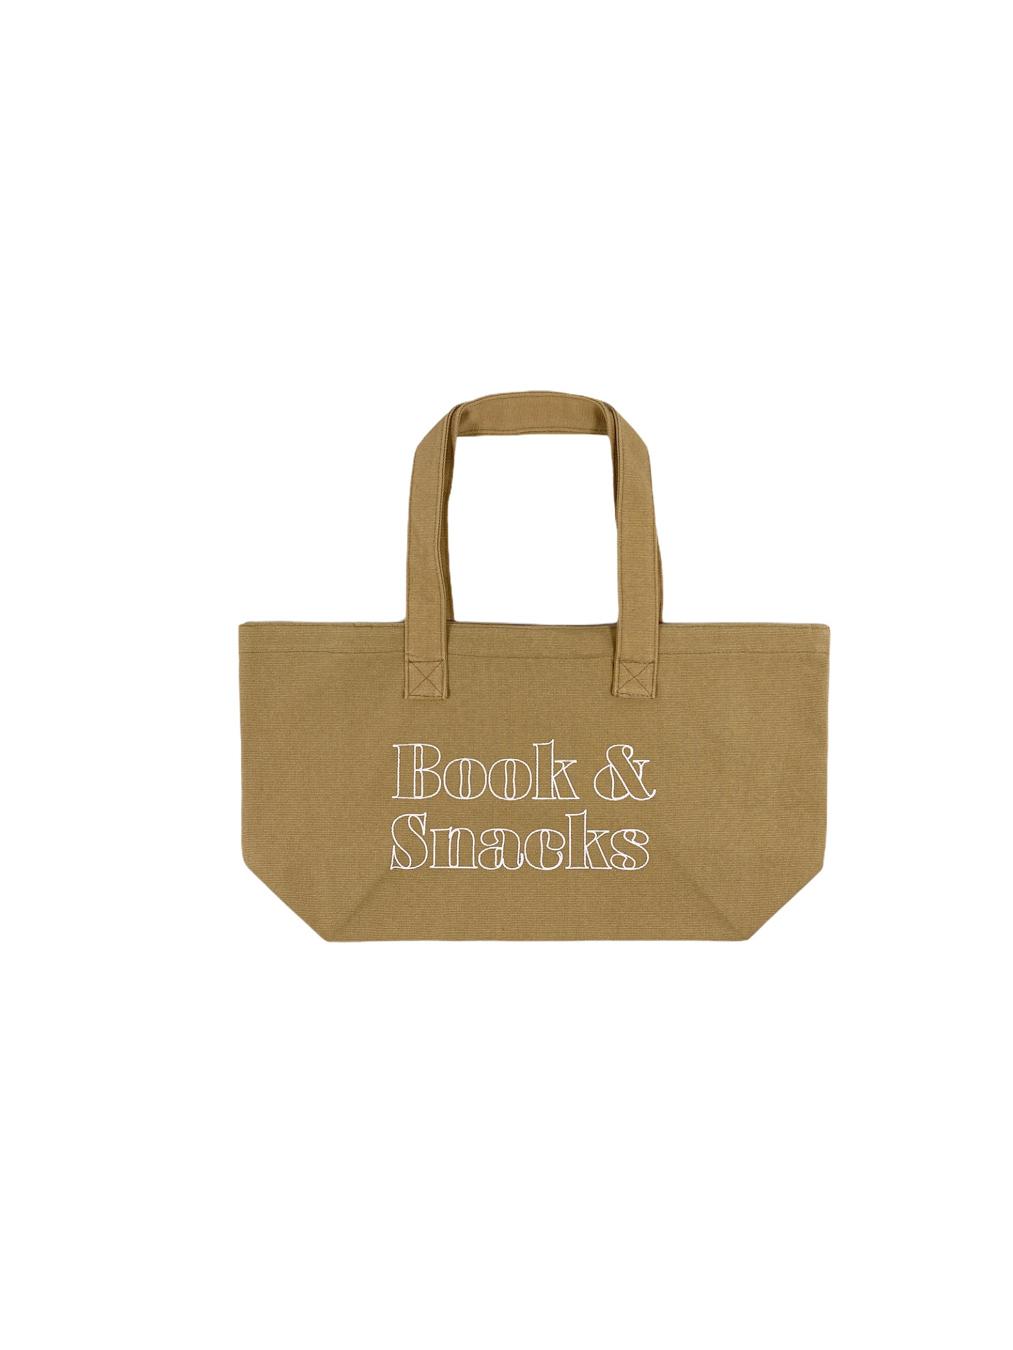 Book & Snack (Brownie)